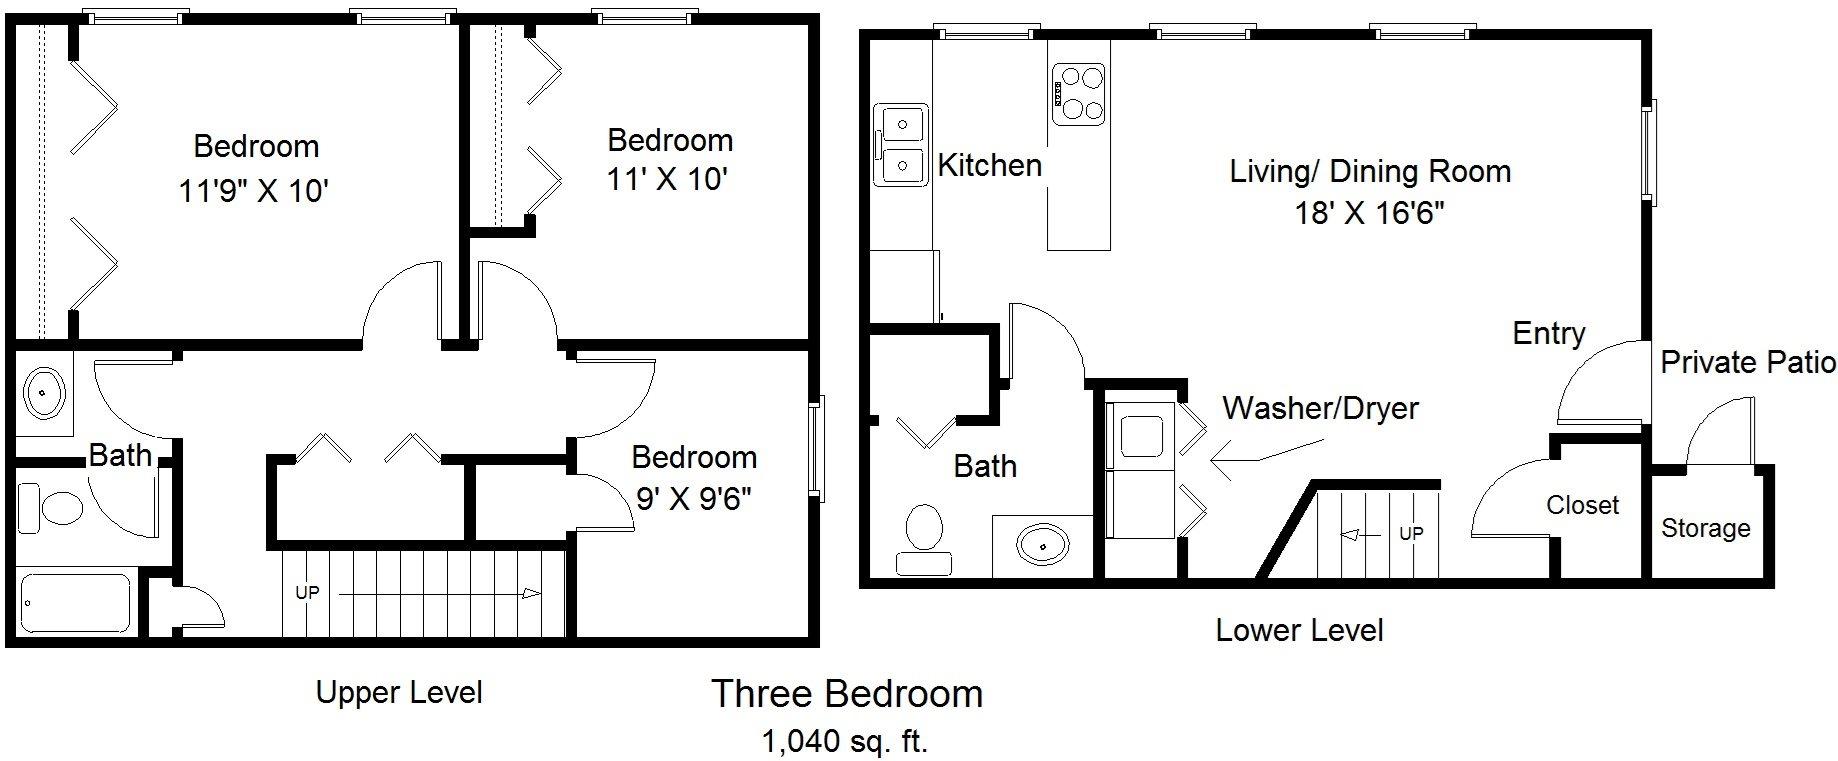 Three Bedroom Townhome Floor Plan 1